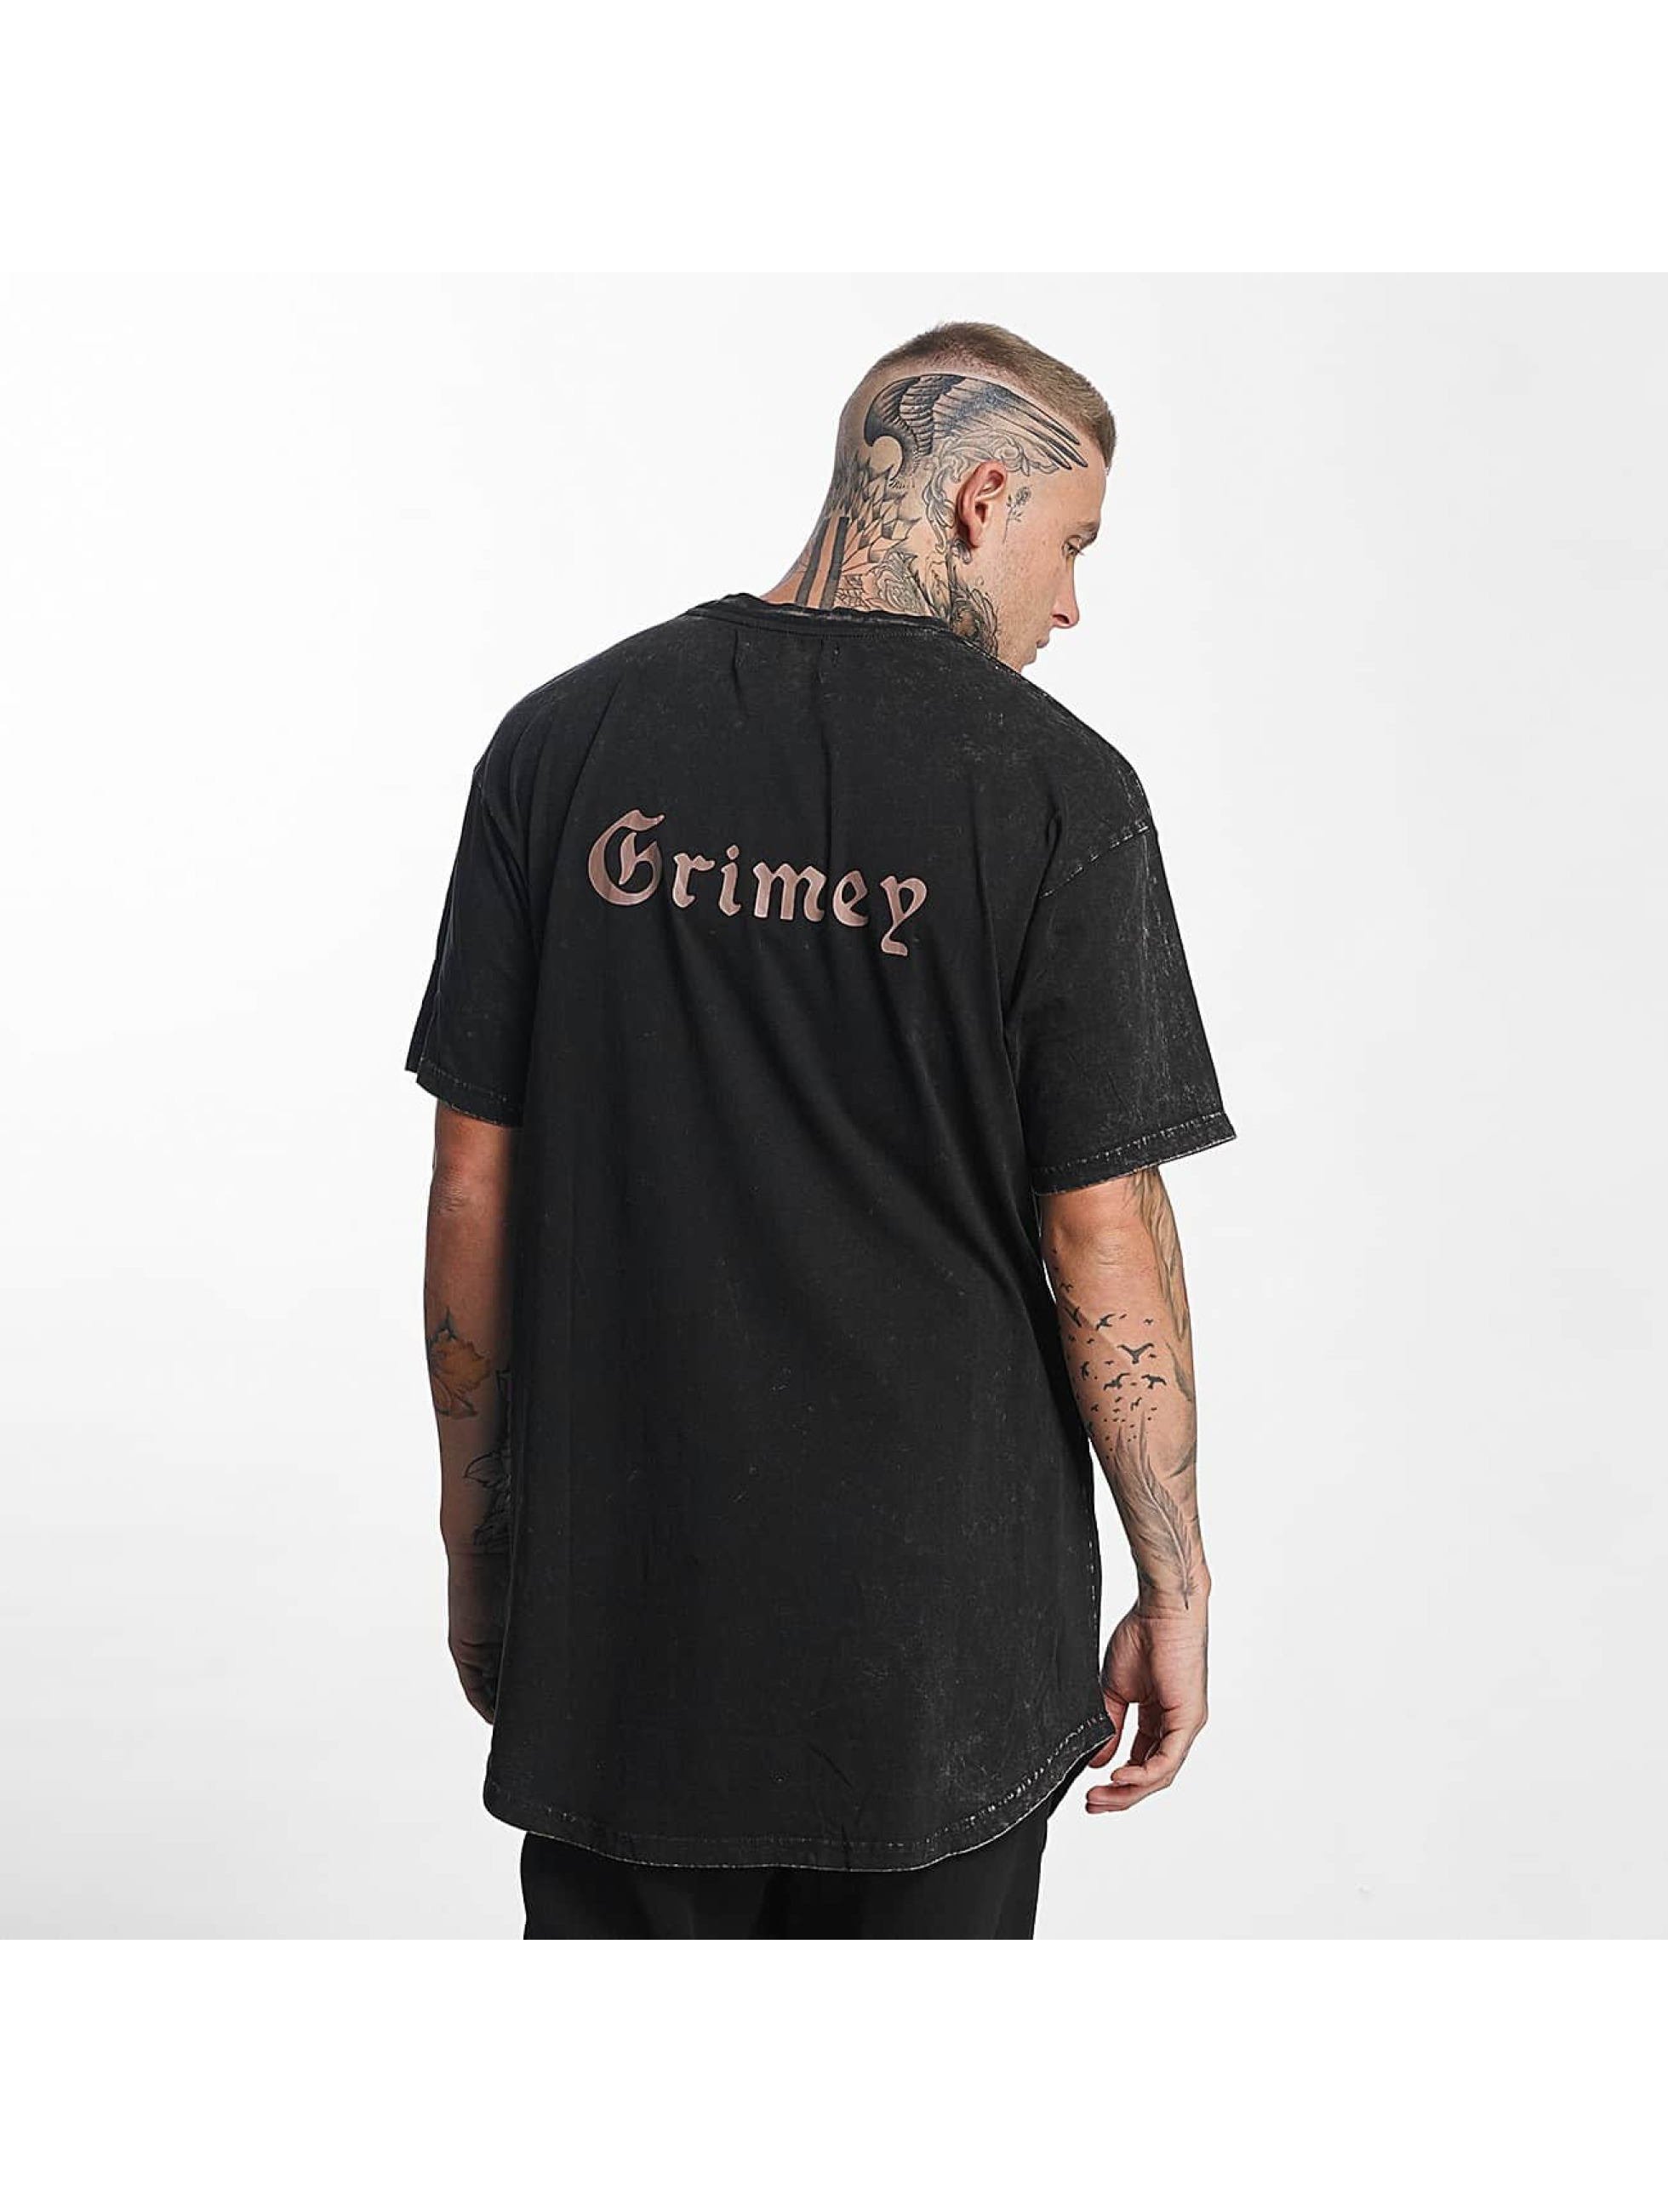 Grimey Wear Tall Tees Hi Jack black